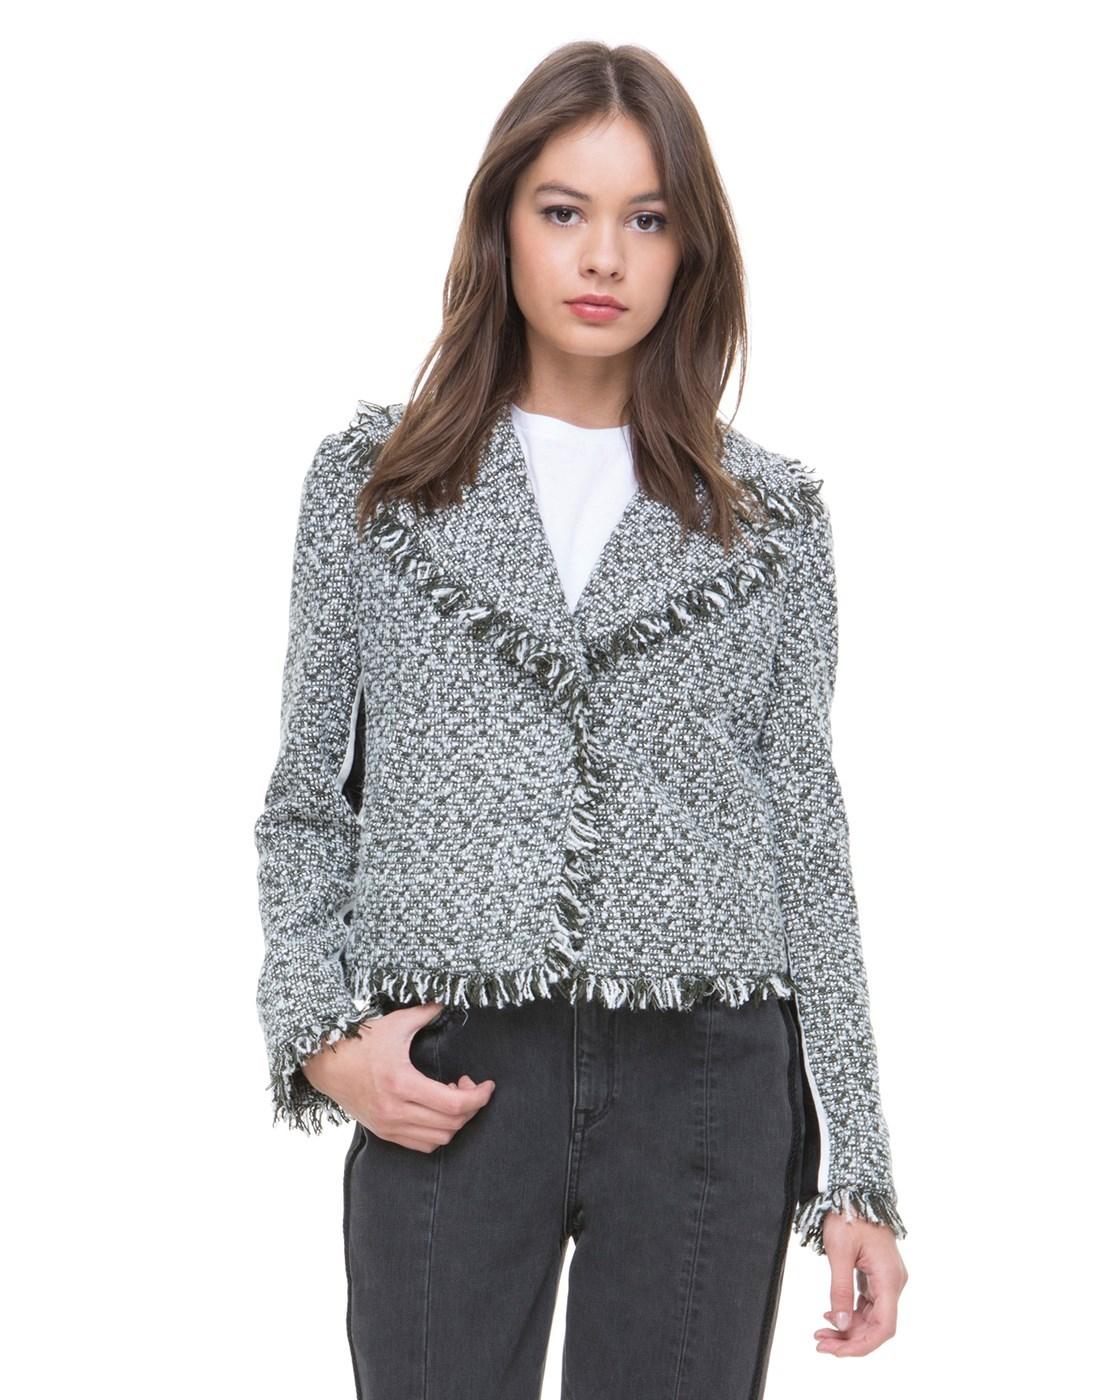 折合510.75元 Juicy Couture 小香风短款外套